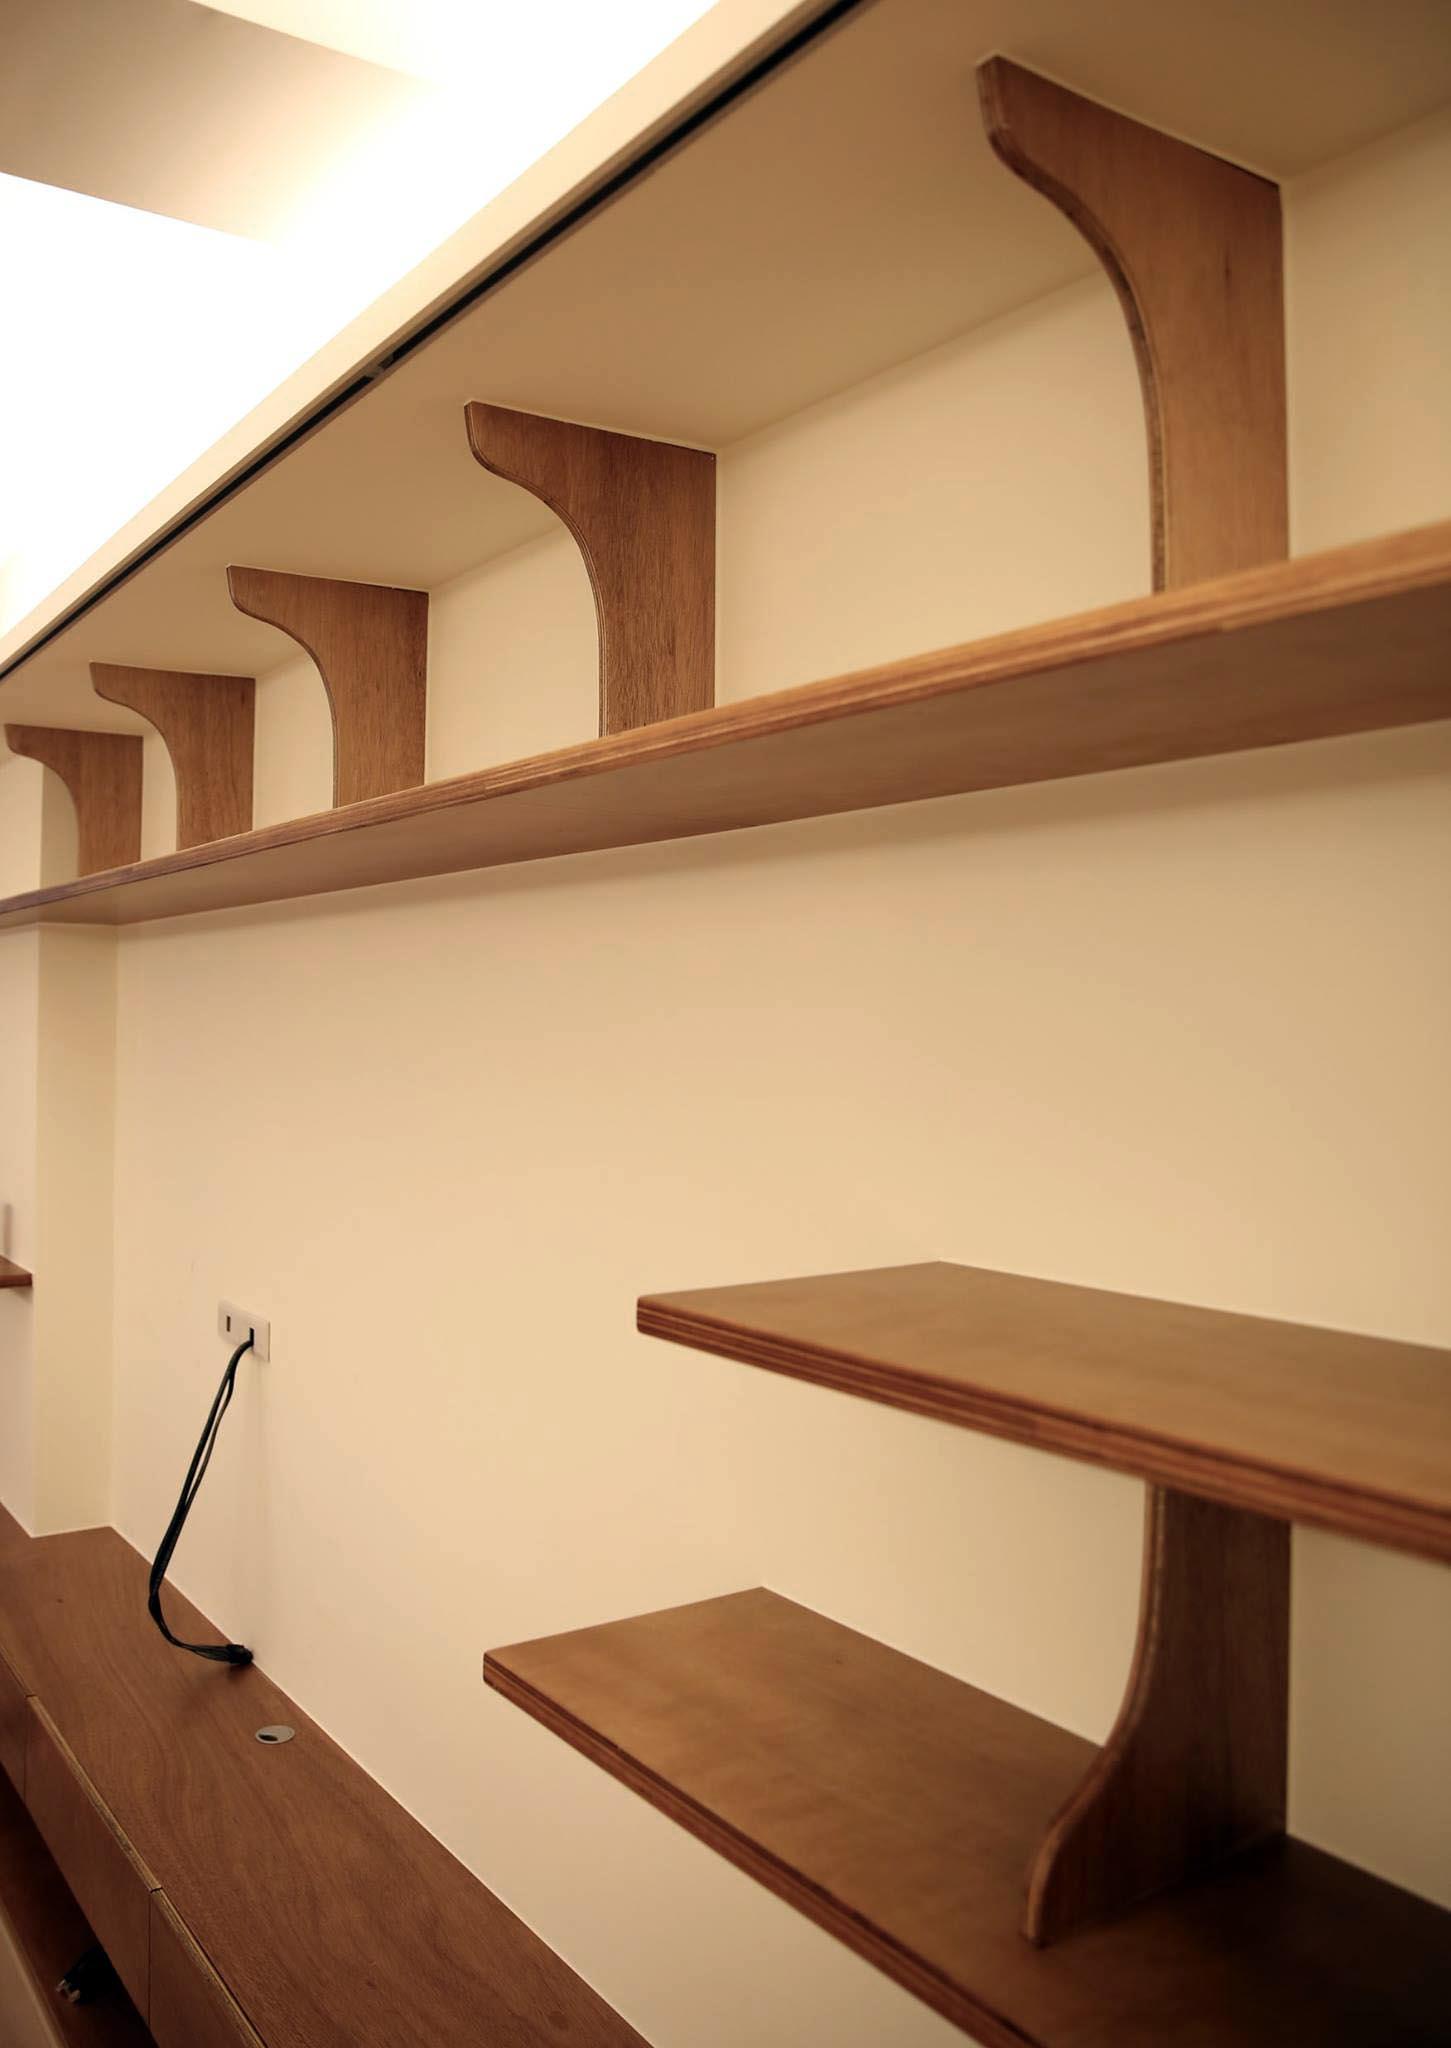 全室木作以夾板做完成面 為突顯夾板層疊的斷面紋理 我設計了造型簡單較不費工 但視覺上有效果的書架立板結構